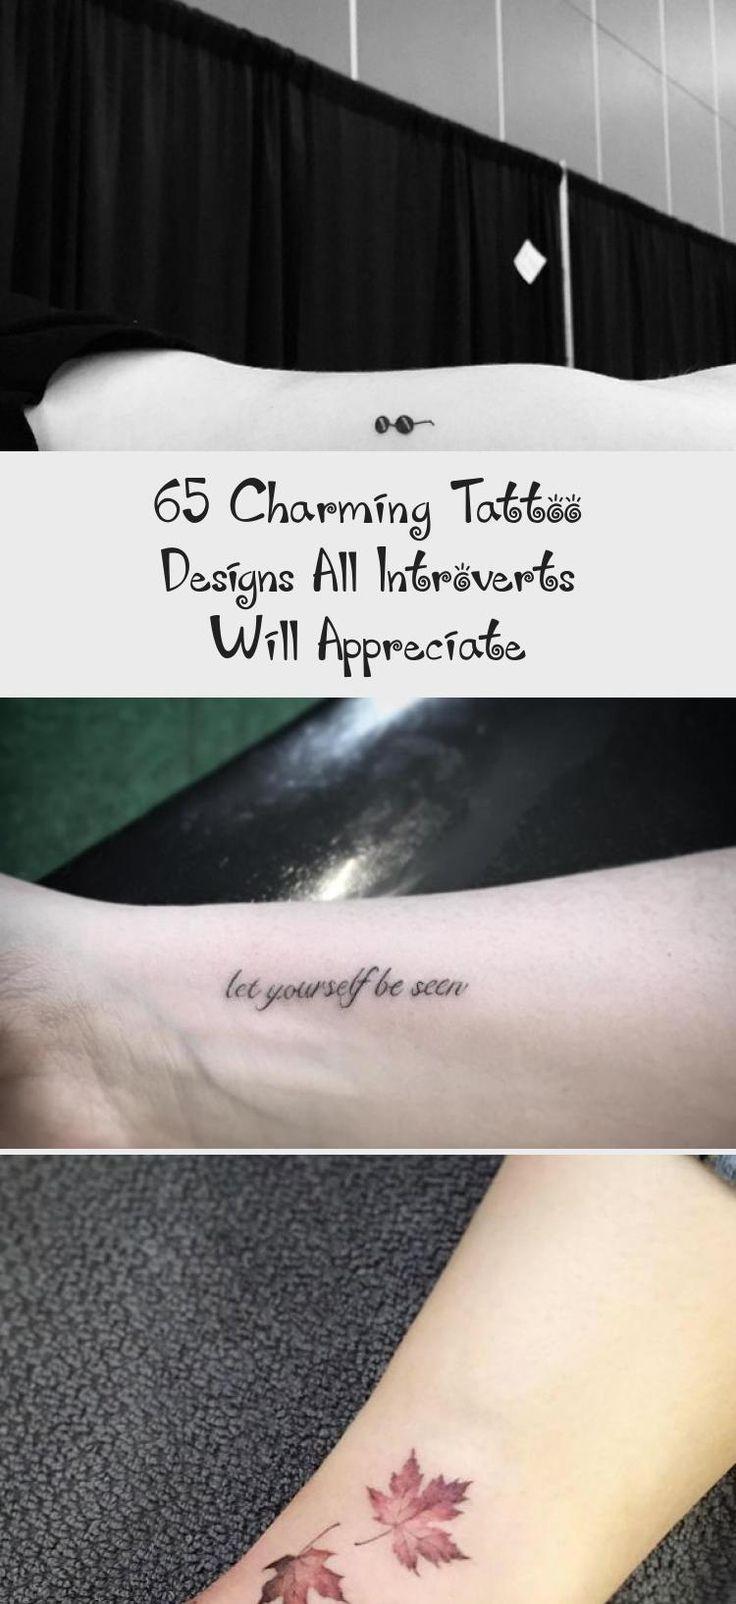 65 motifs de tatouage de charme que tous les introvertis apprécieront   – art